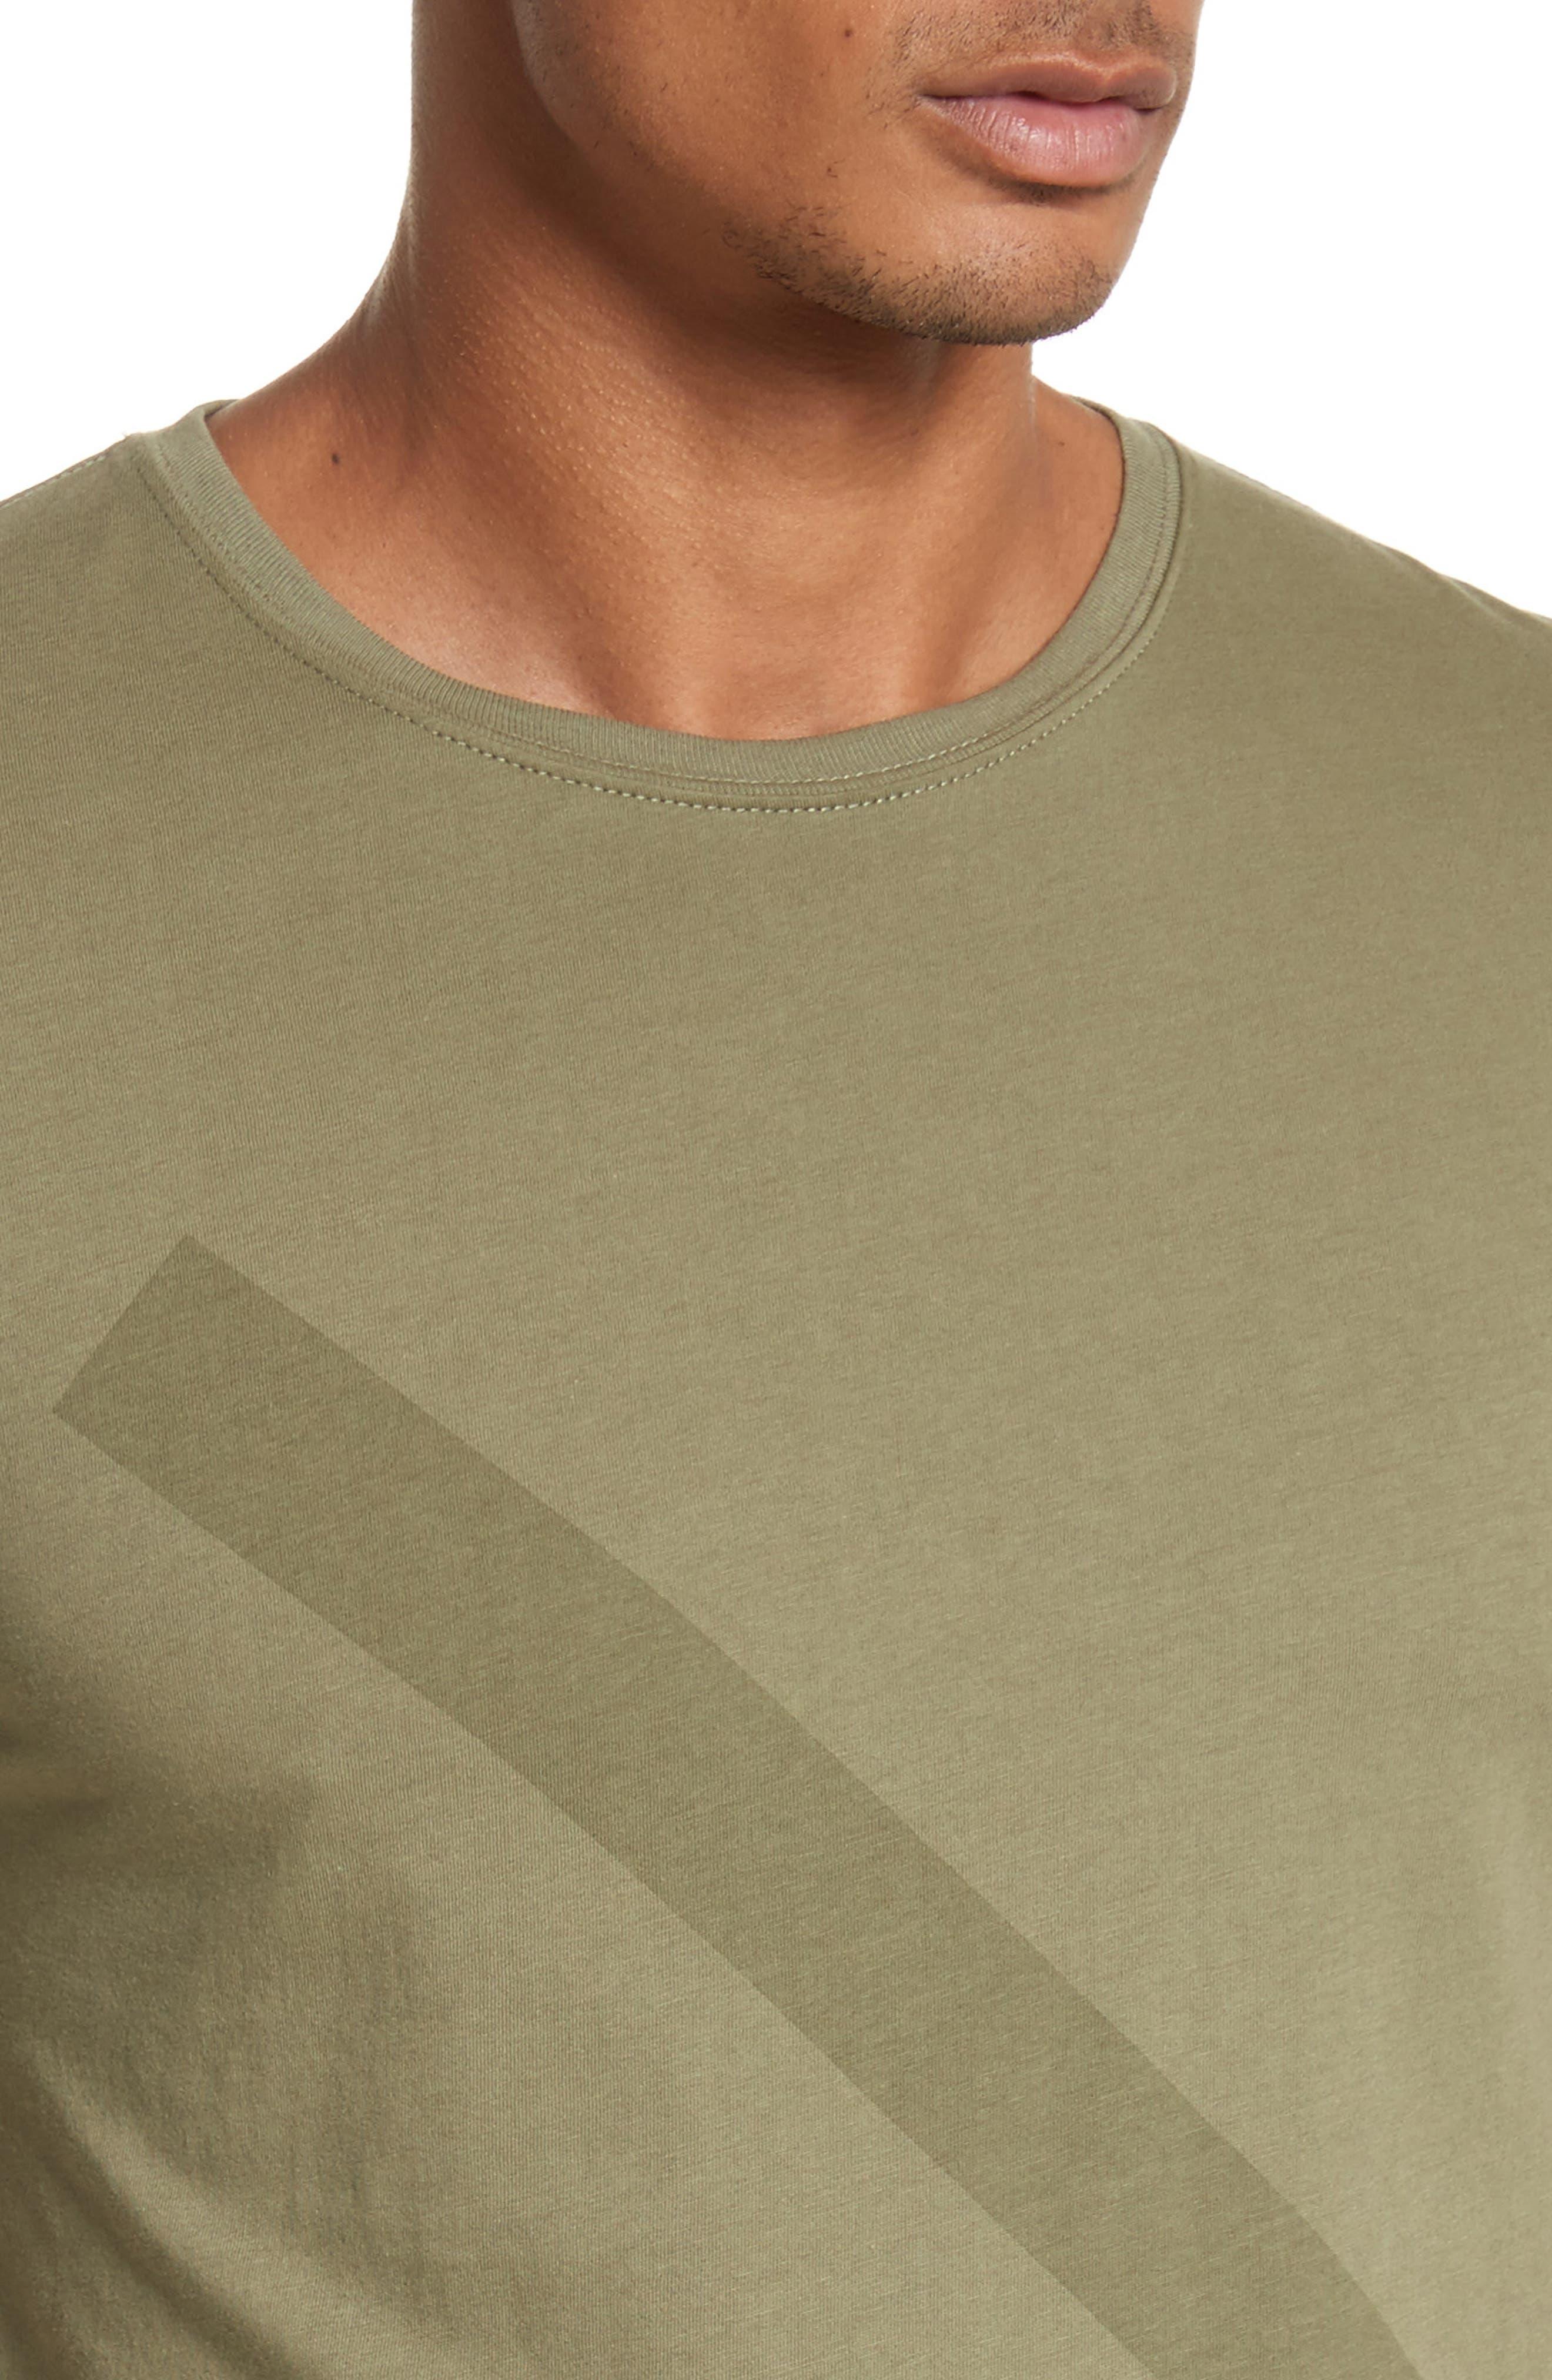 Tonal Slash Graphic T-Shirt,                             Alternate thumbnail 4, color,                             305